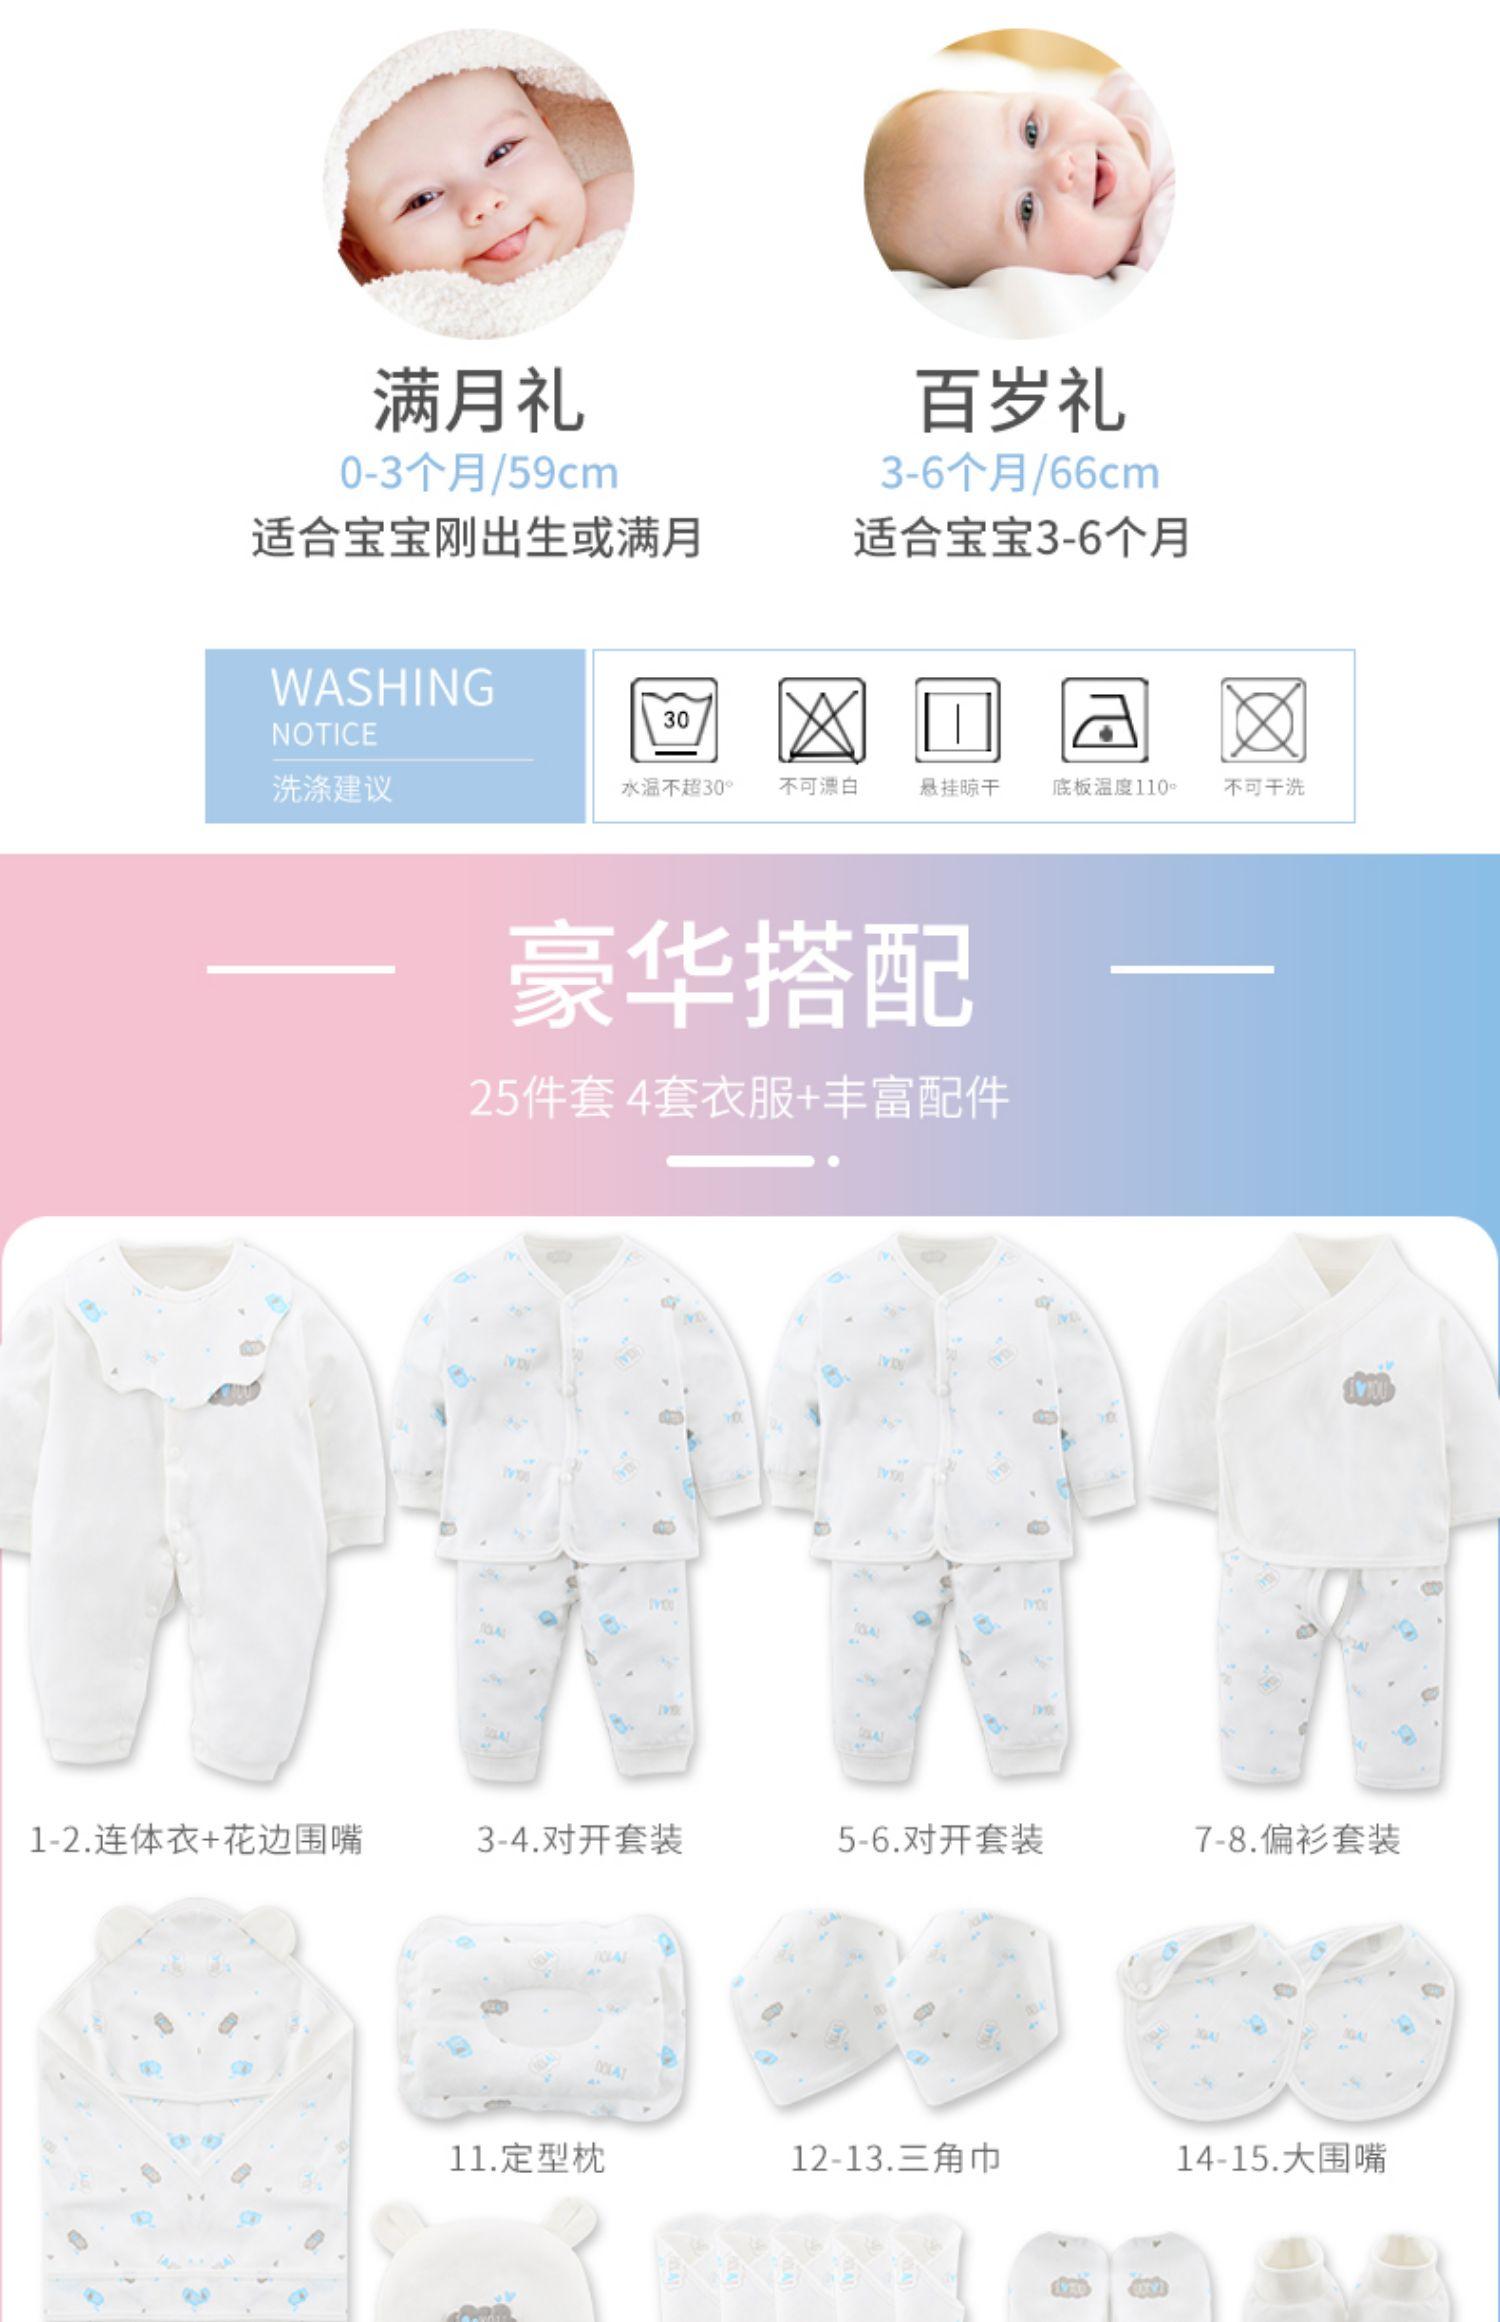 新生儿婴儿衣服礼盒套装 13